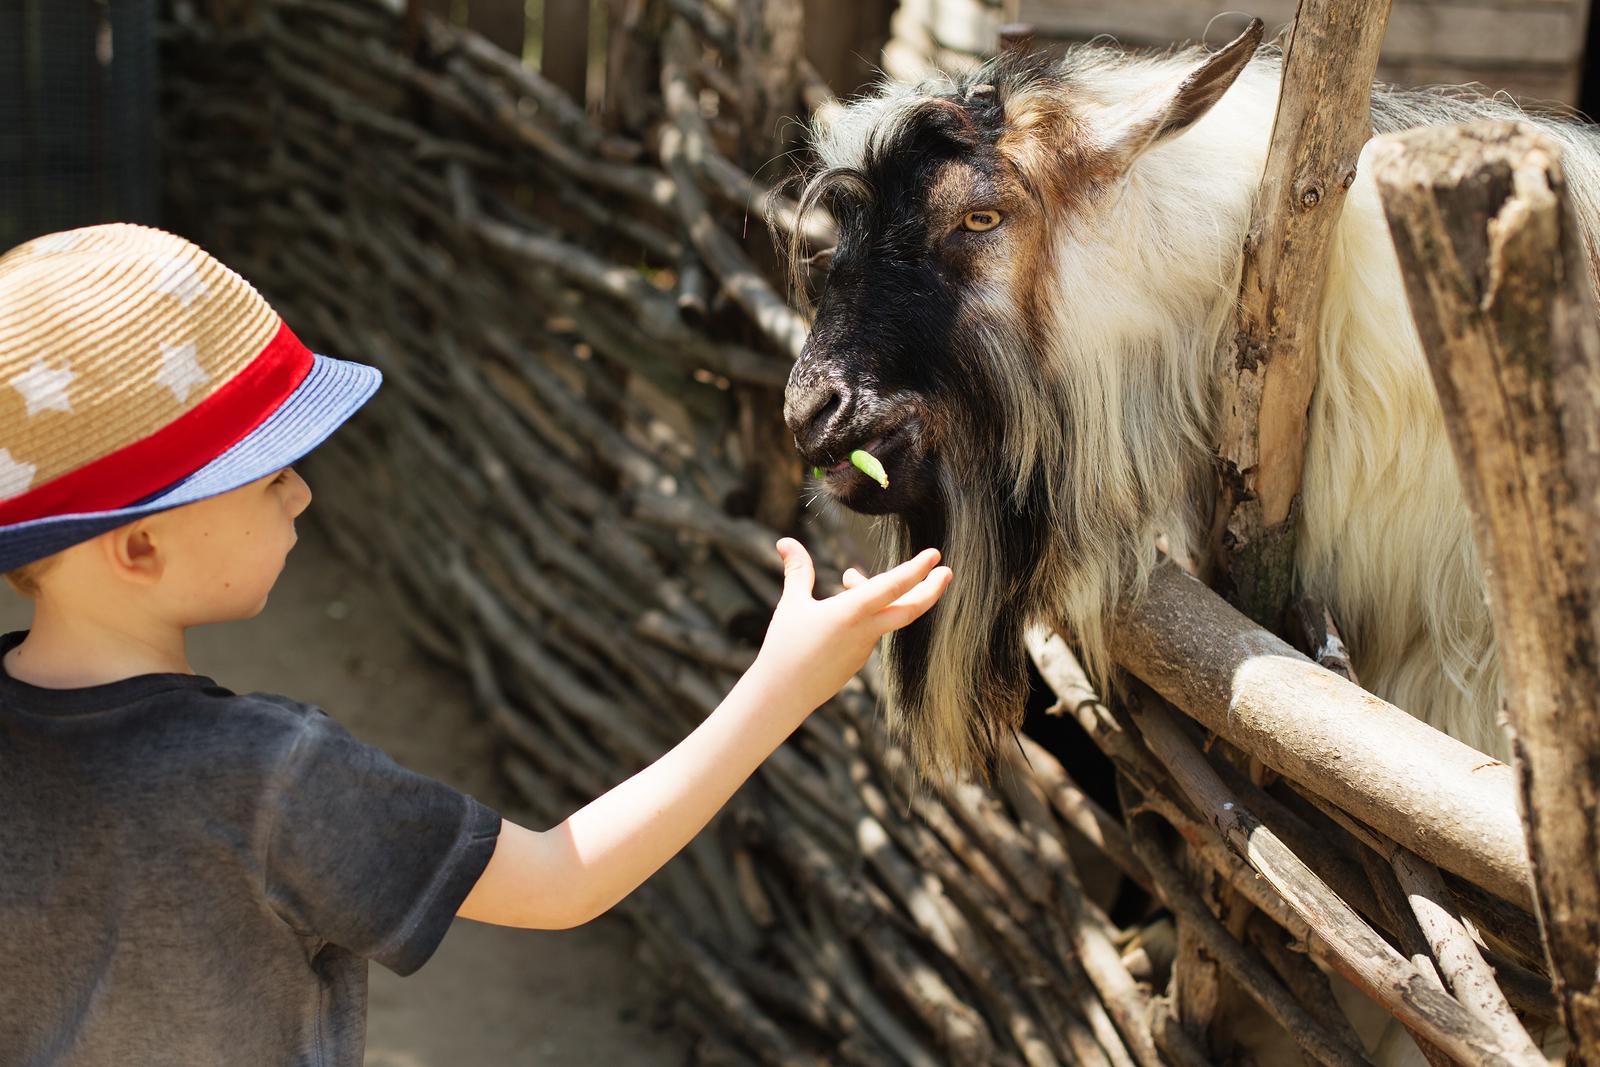 Junge streichelt eine Ziege in einem Zoo